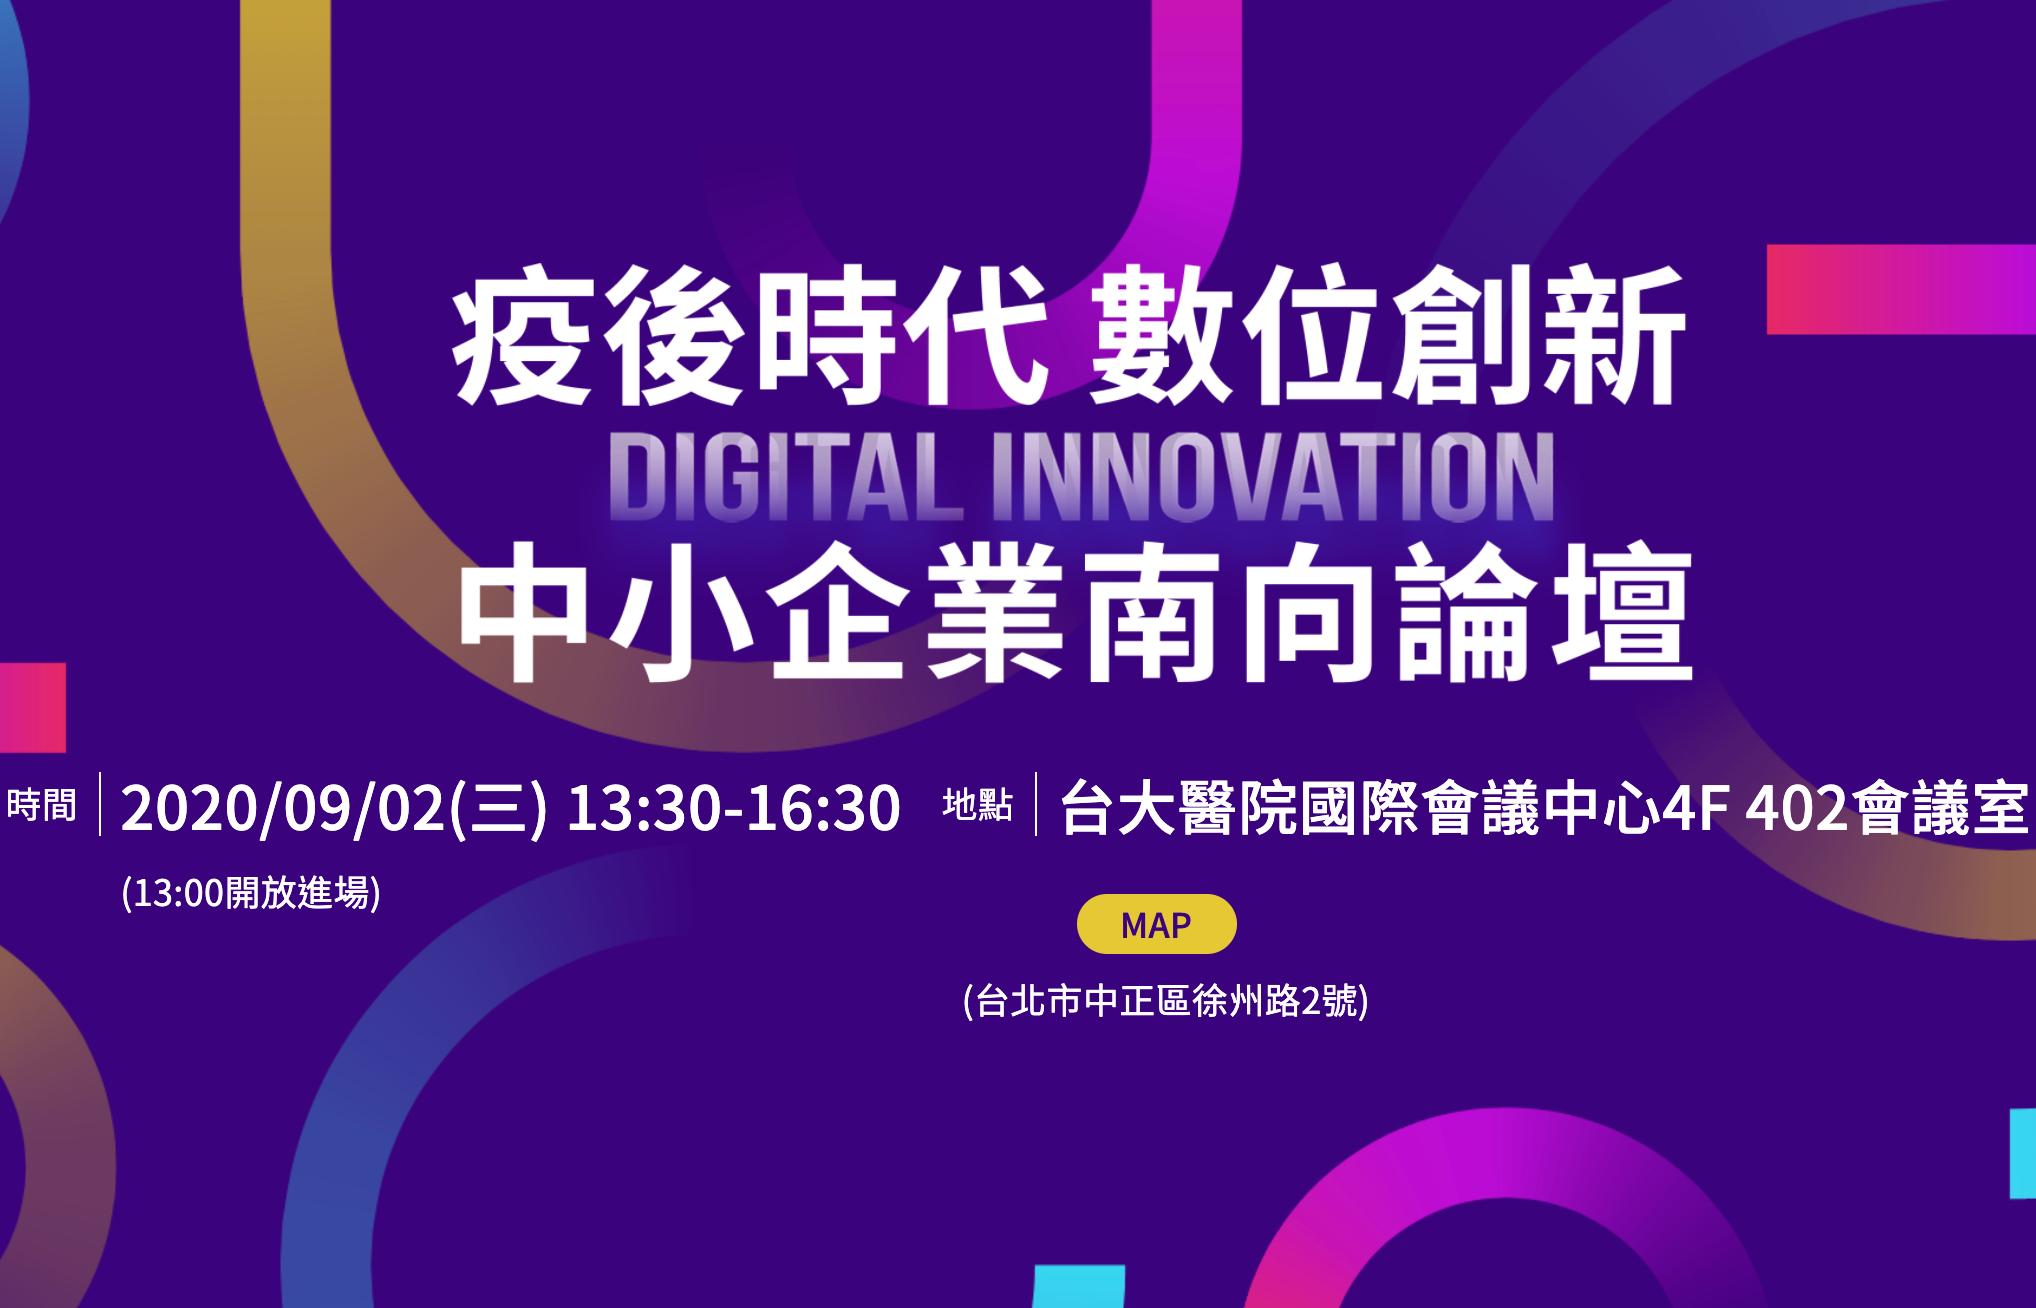 [Forum]  疫情後代-數位創新中小企業南向論壇